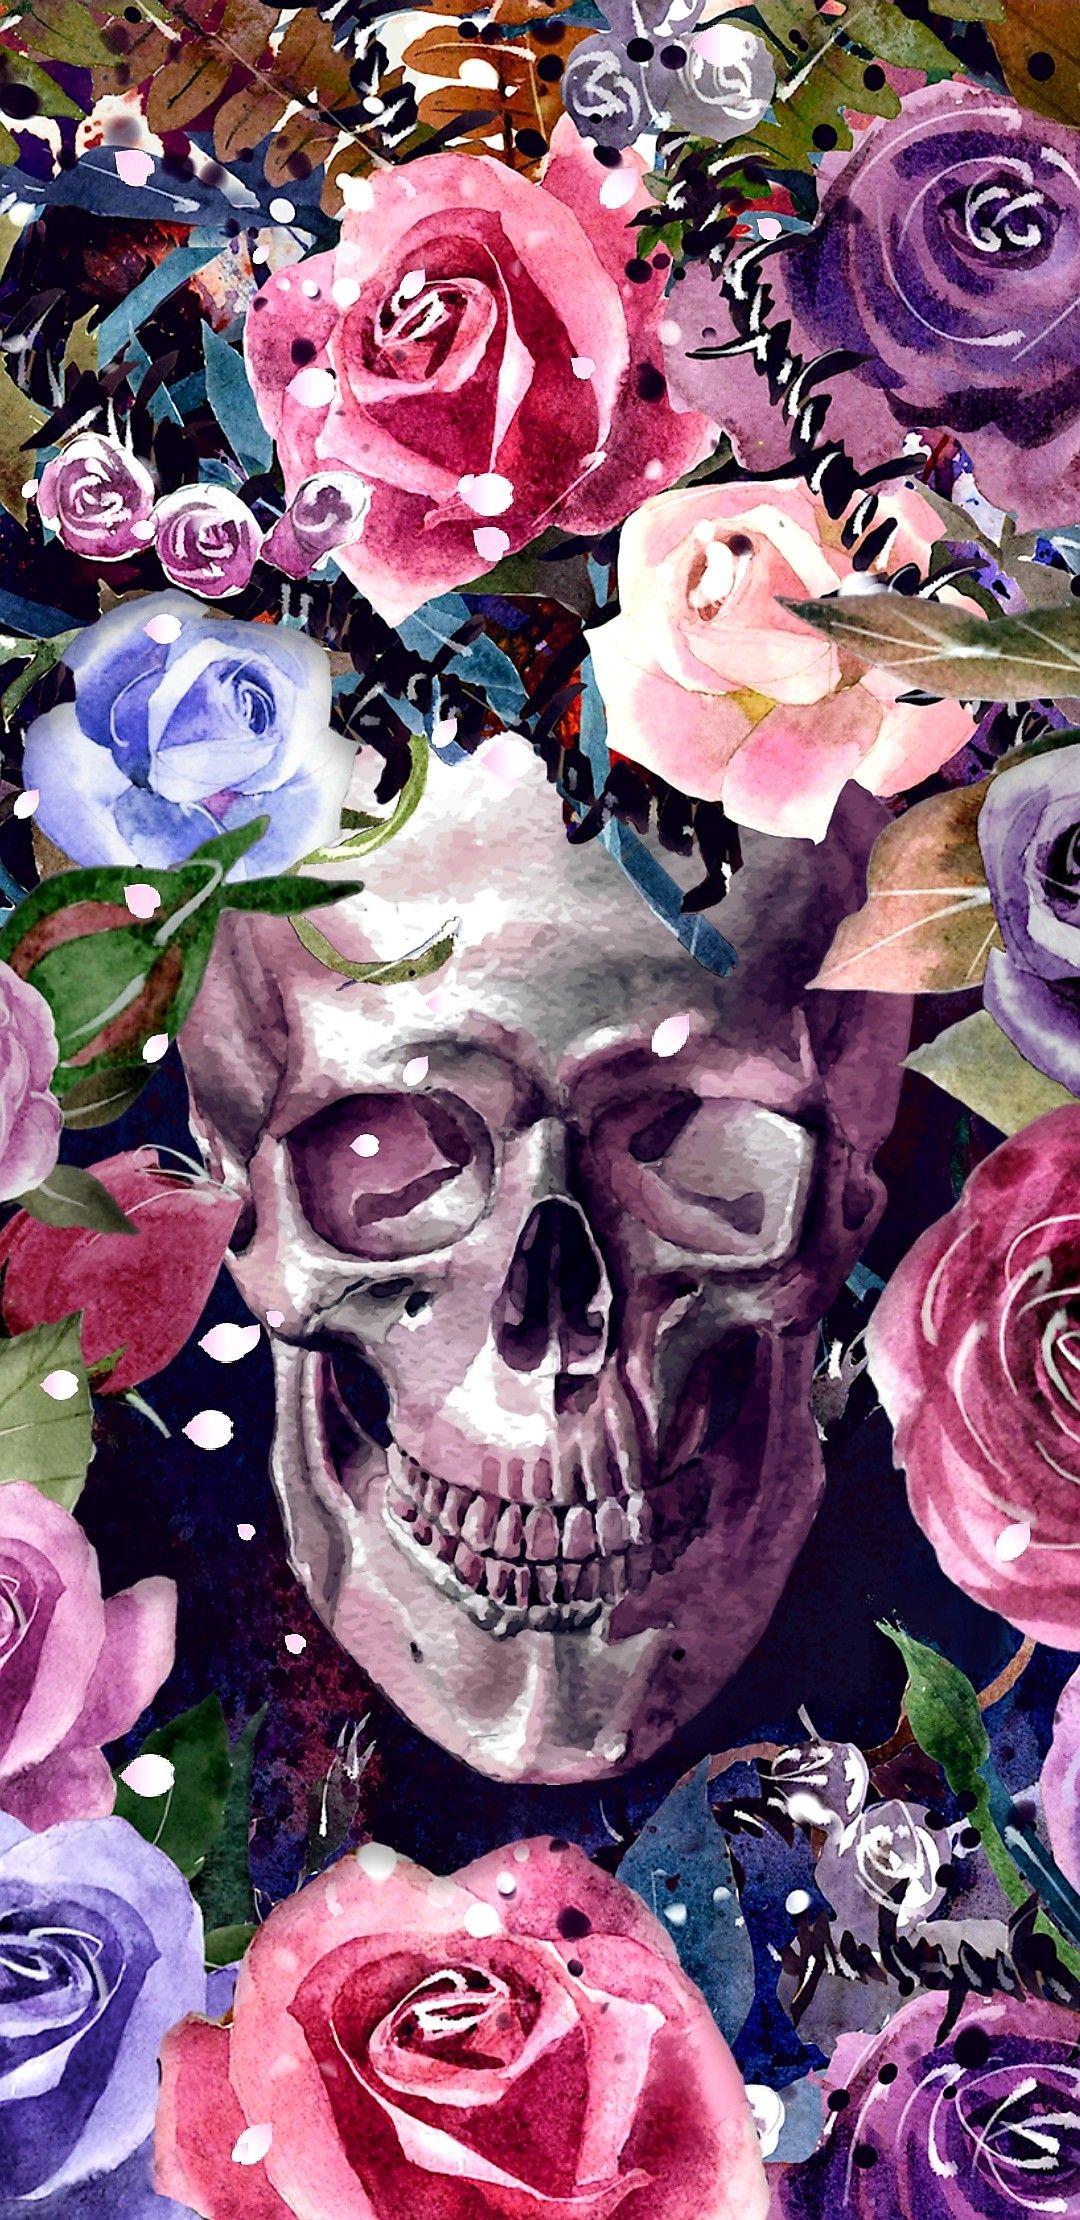 Floral Skull Garden Skull Wallpaper Sugar Skull Artwork Skull Artwork